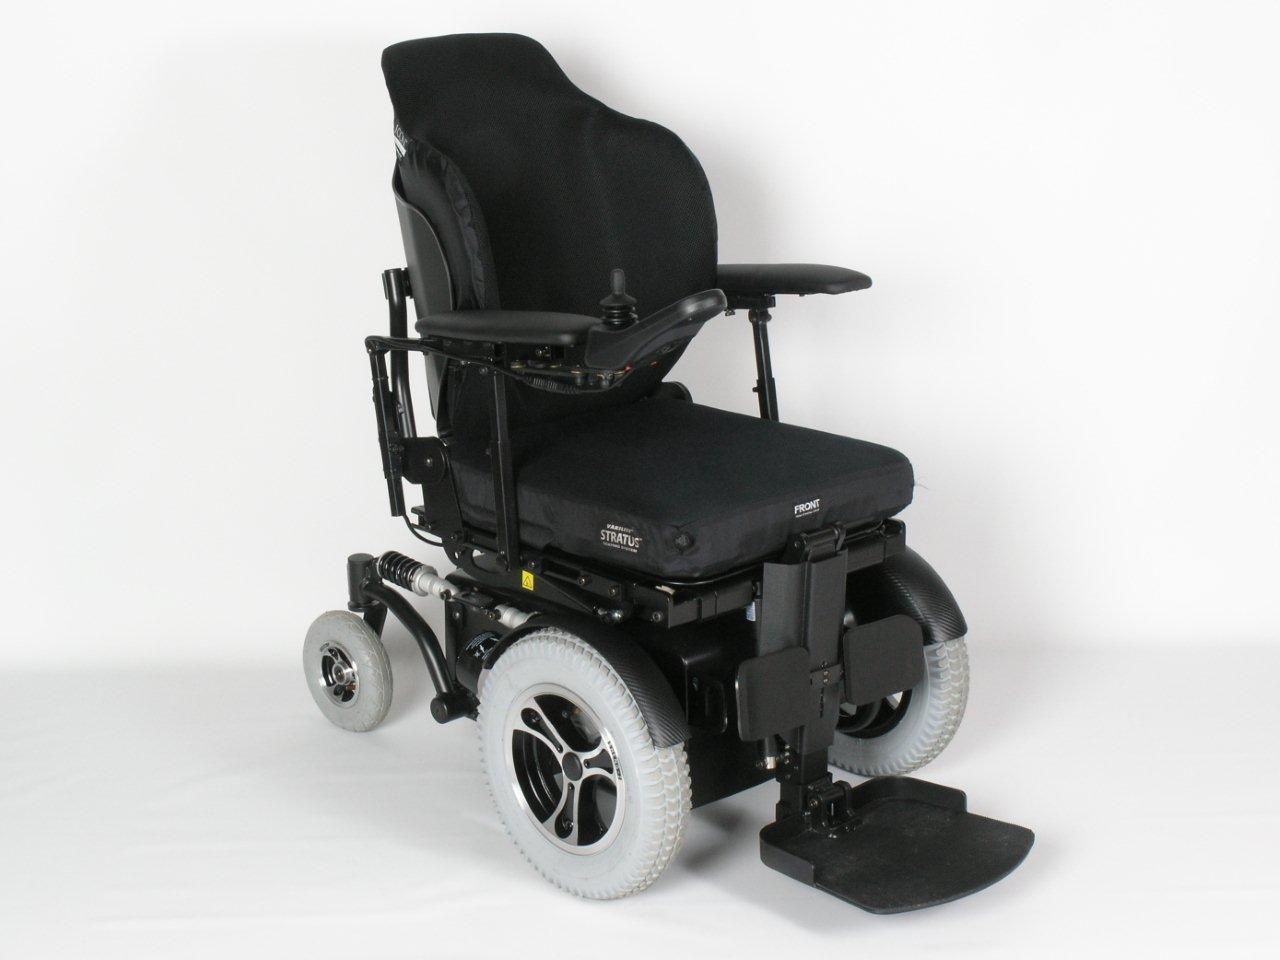 alle de Hjælpemiddelvisitator, ergoterapeuter ikke have at Klaus Emilius må få Unik affjedring og hjulophæng på alle hjul, der giver en ekstrem glidende og affjedret kørsel fordi dette lette min hverdag